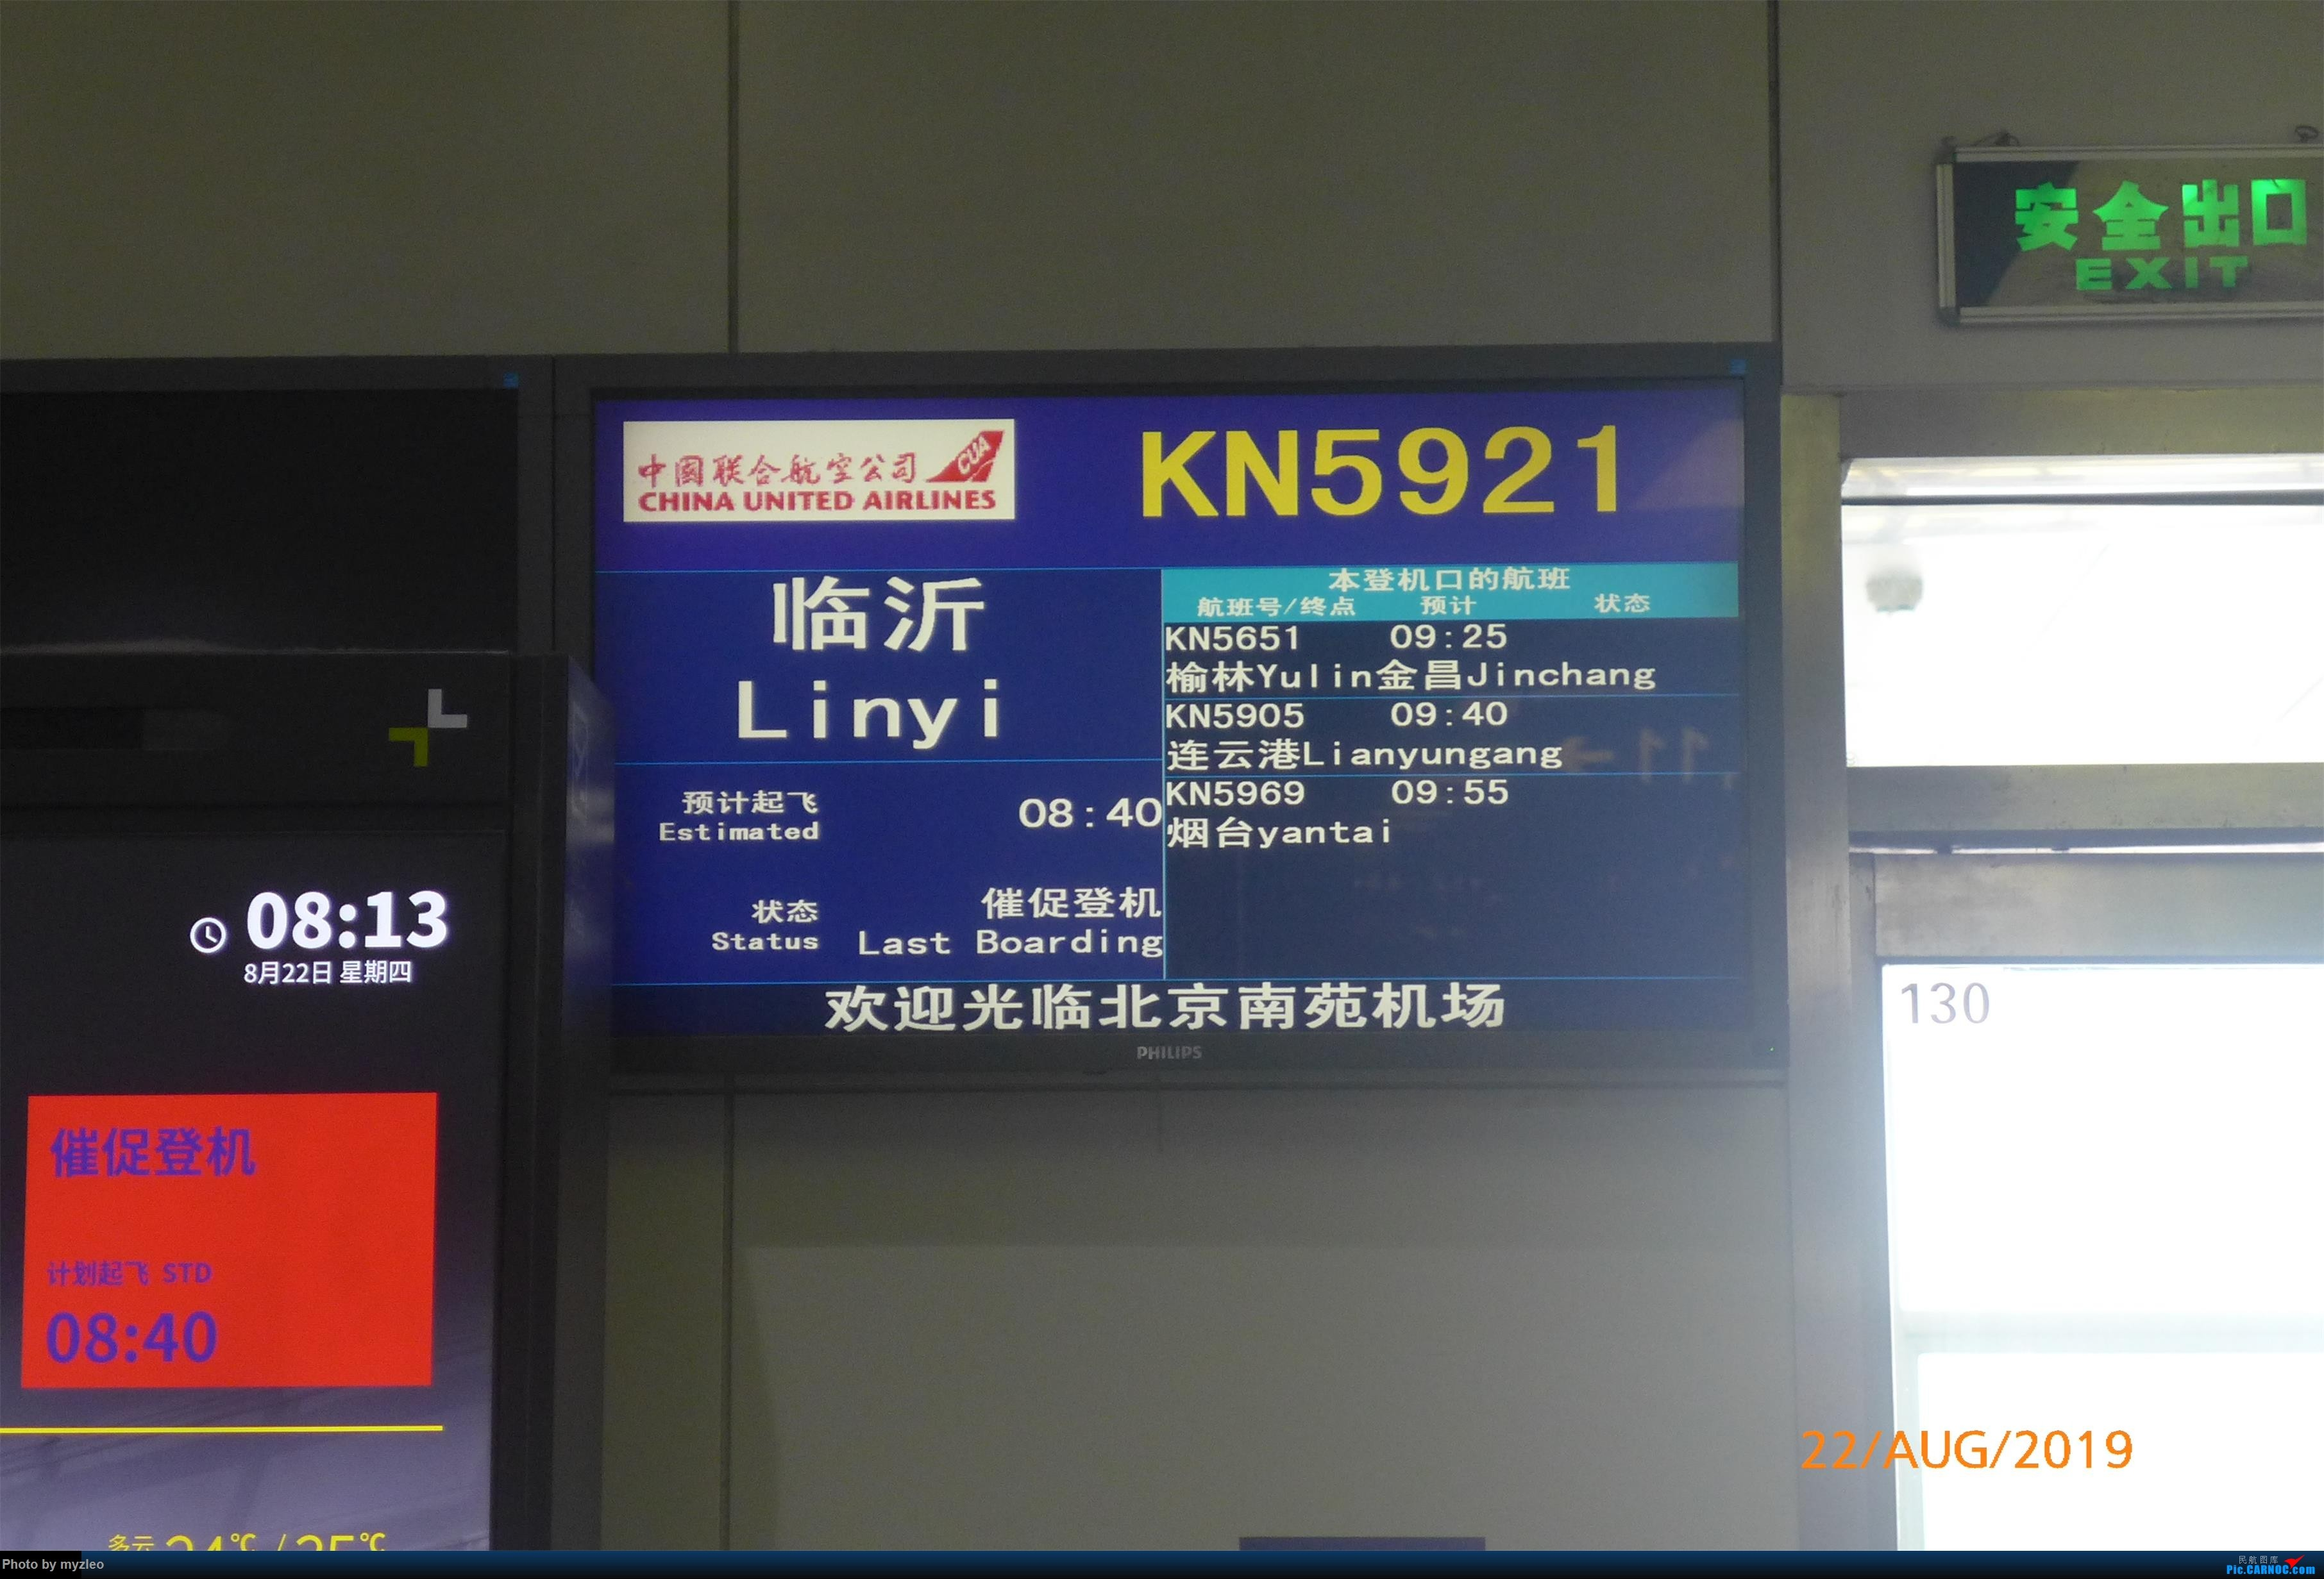 Re:[原创]【myzleo的游记5.2】梦圆一九(2)首访南苑把梦圆,初搭巴航连新缘 BOEING 737-800 B-5547 中国北京南苑机场 中国北京南苑机场